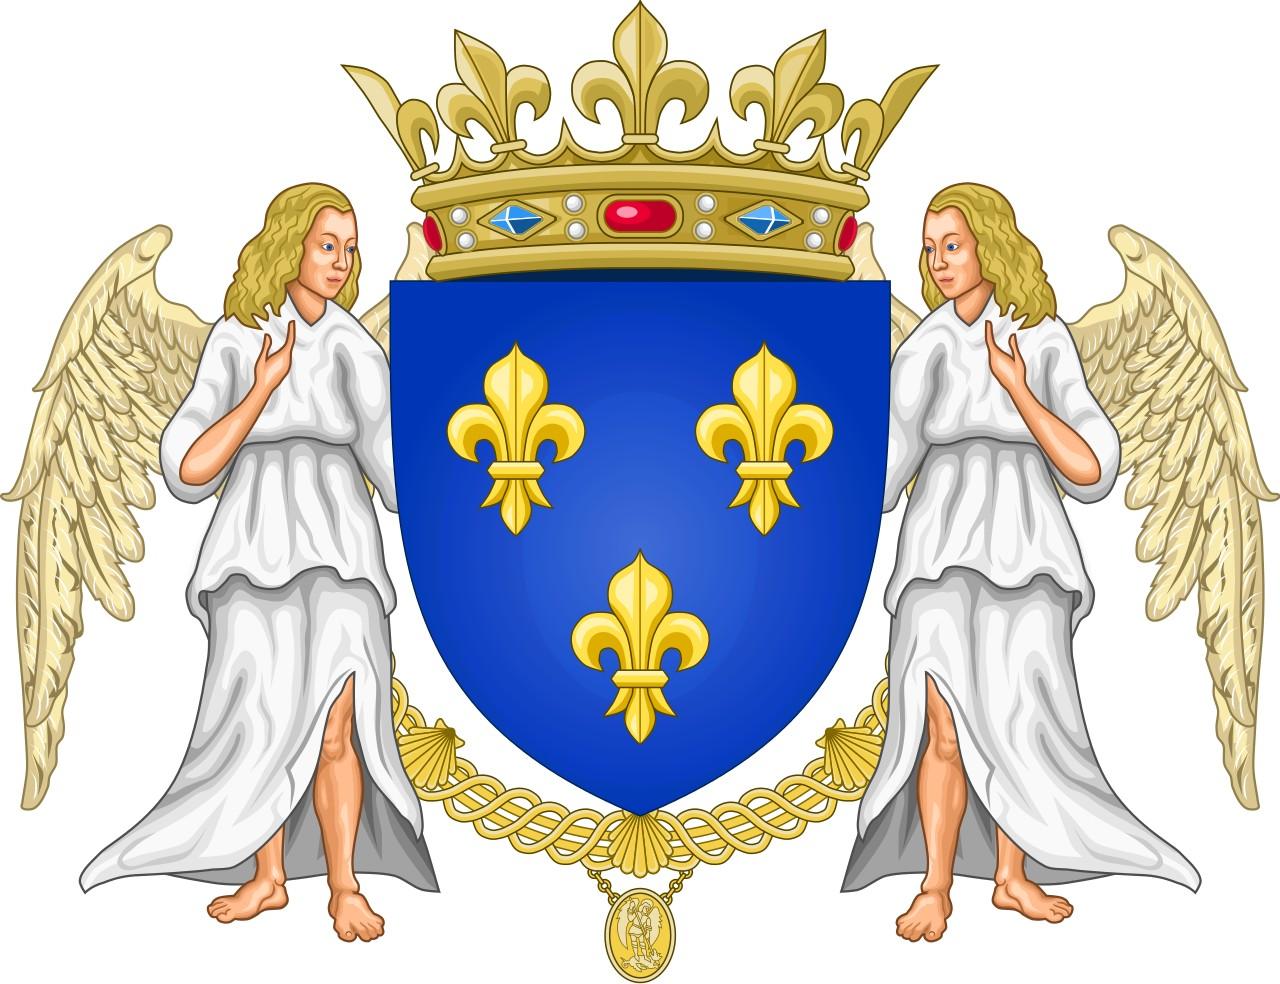 Les Valois